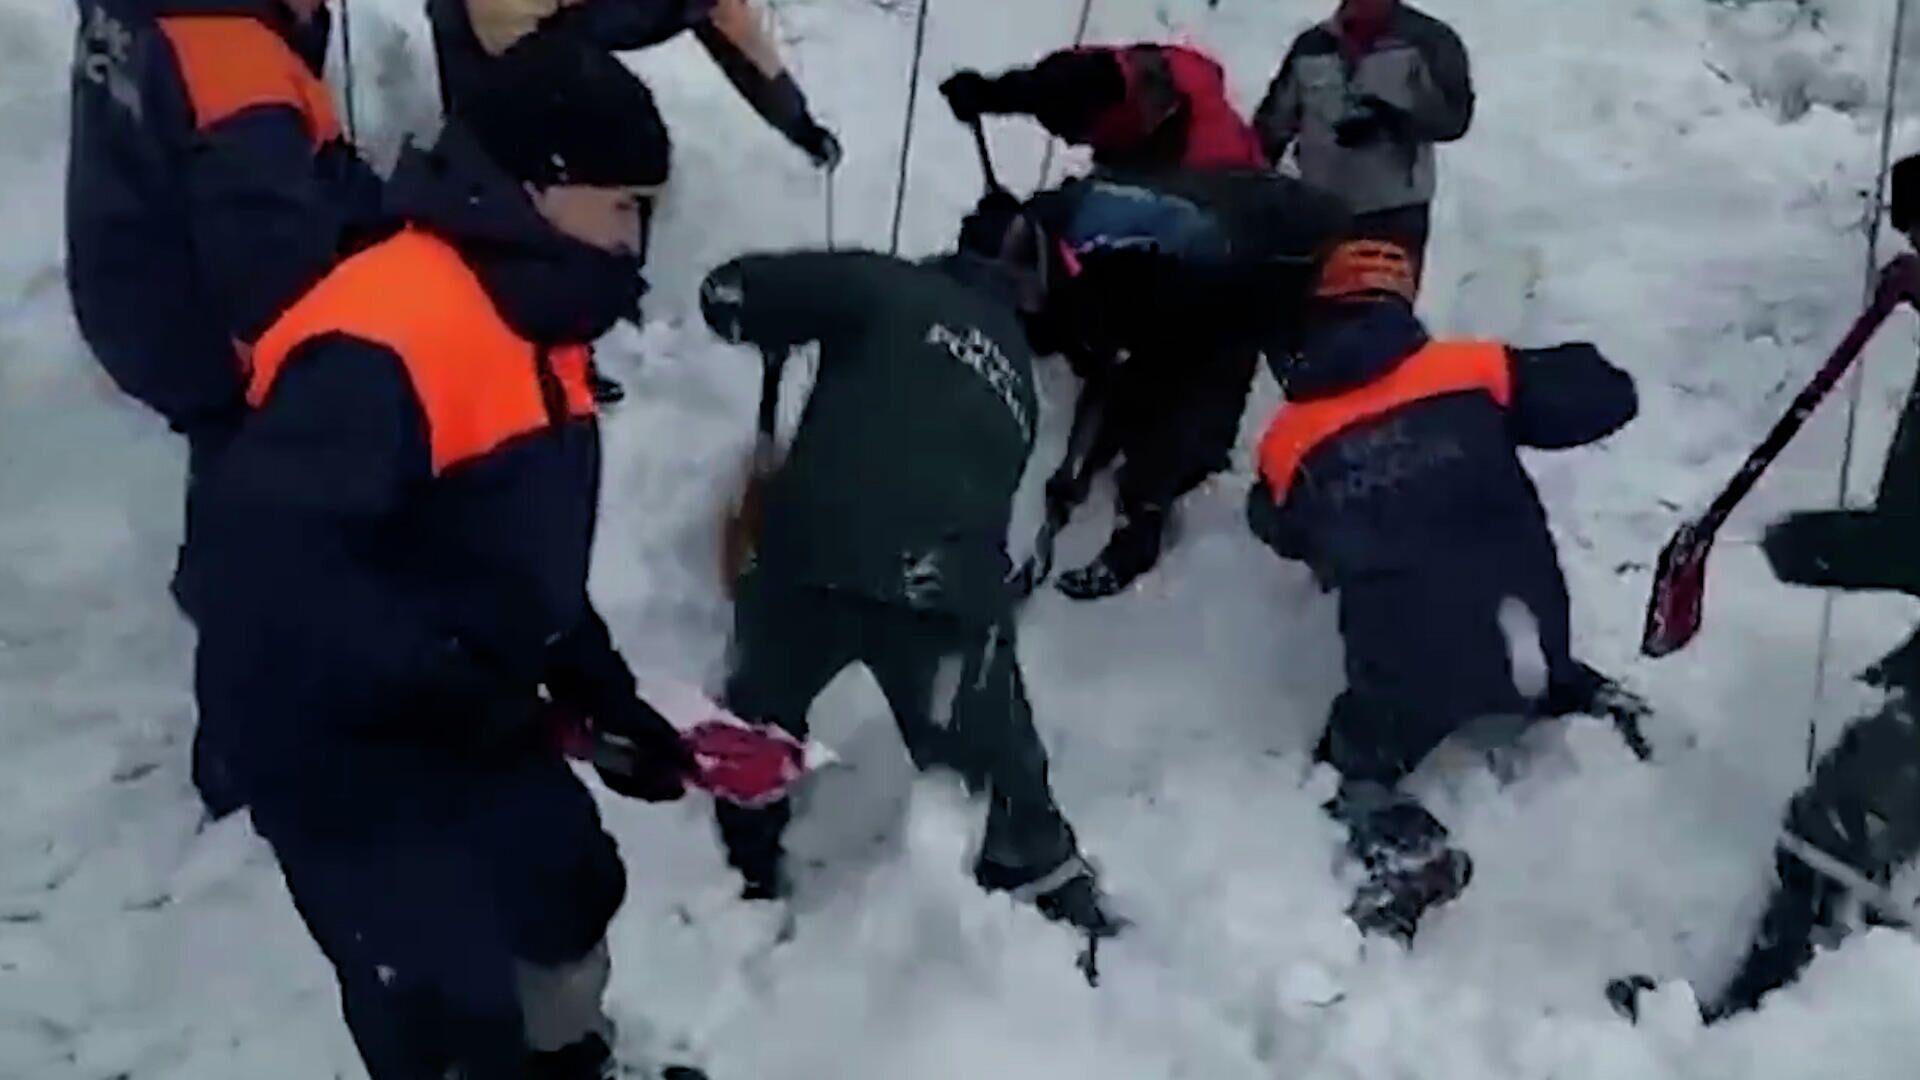 Спасательные работы на месте схода лавины на Камчатке - РИА Новости, 1920, 06.03.2021